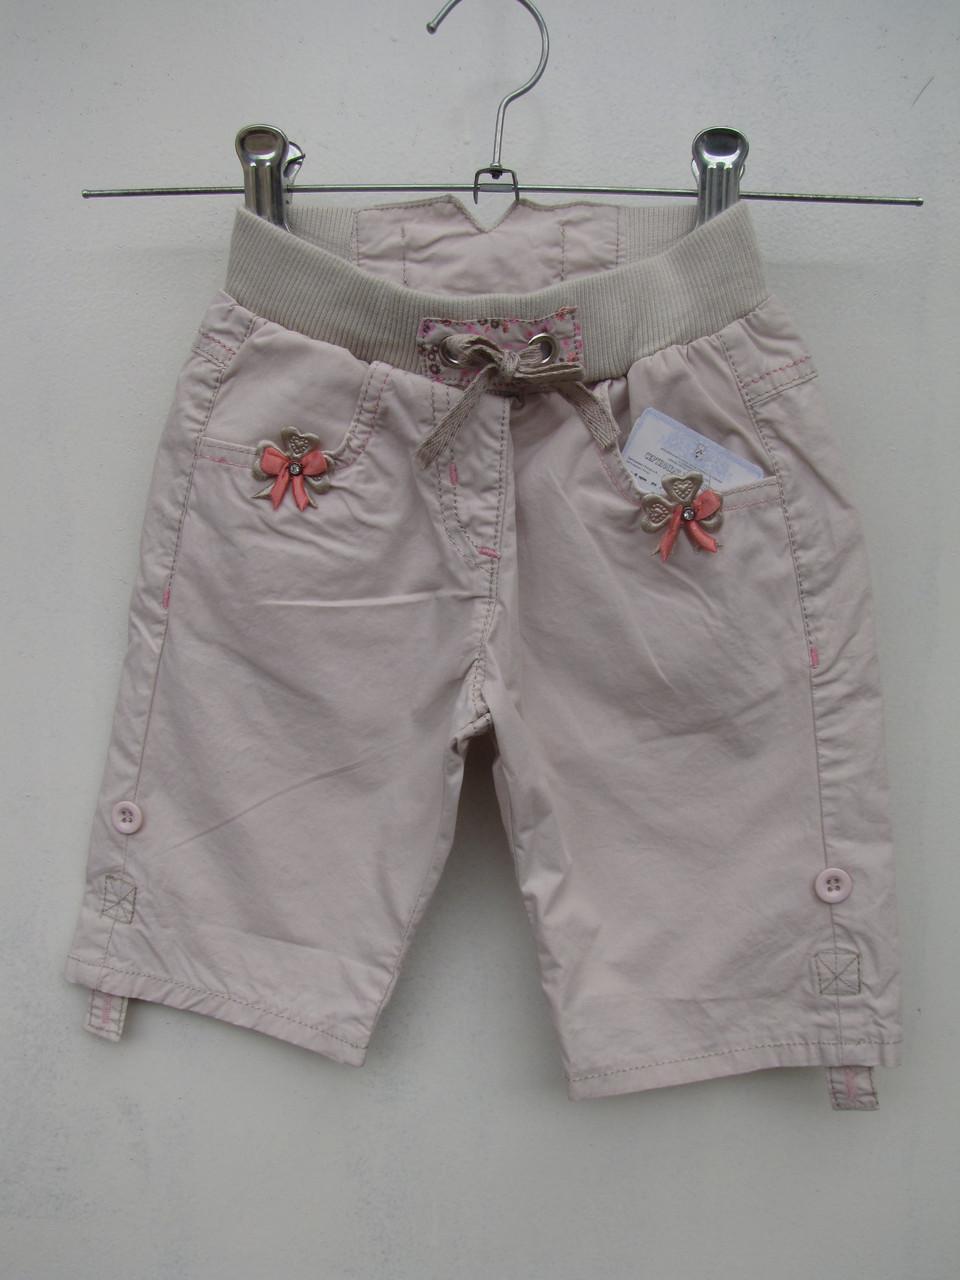 Бриджи-шорты для девочек 98,104,110,116,122 роста  Коралловый цветочек